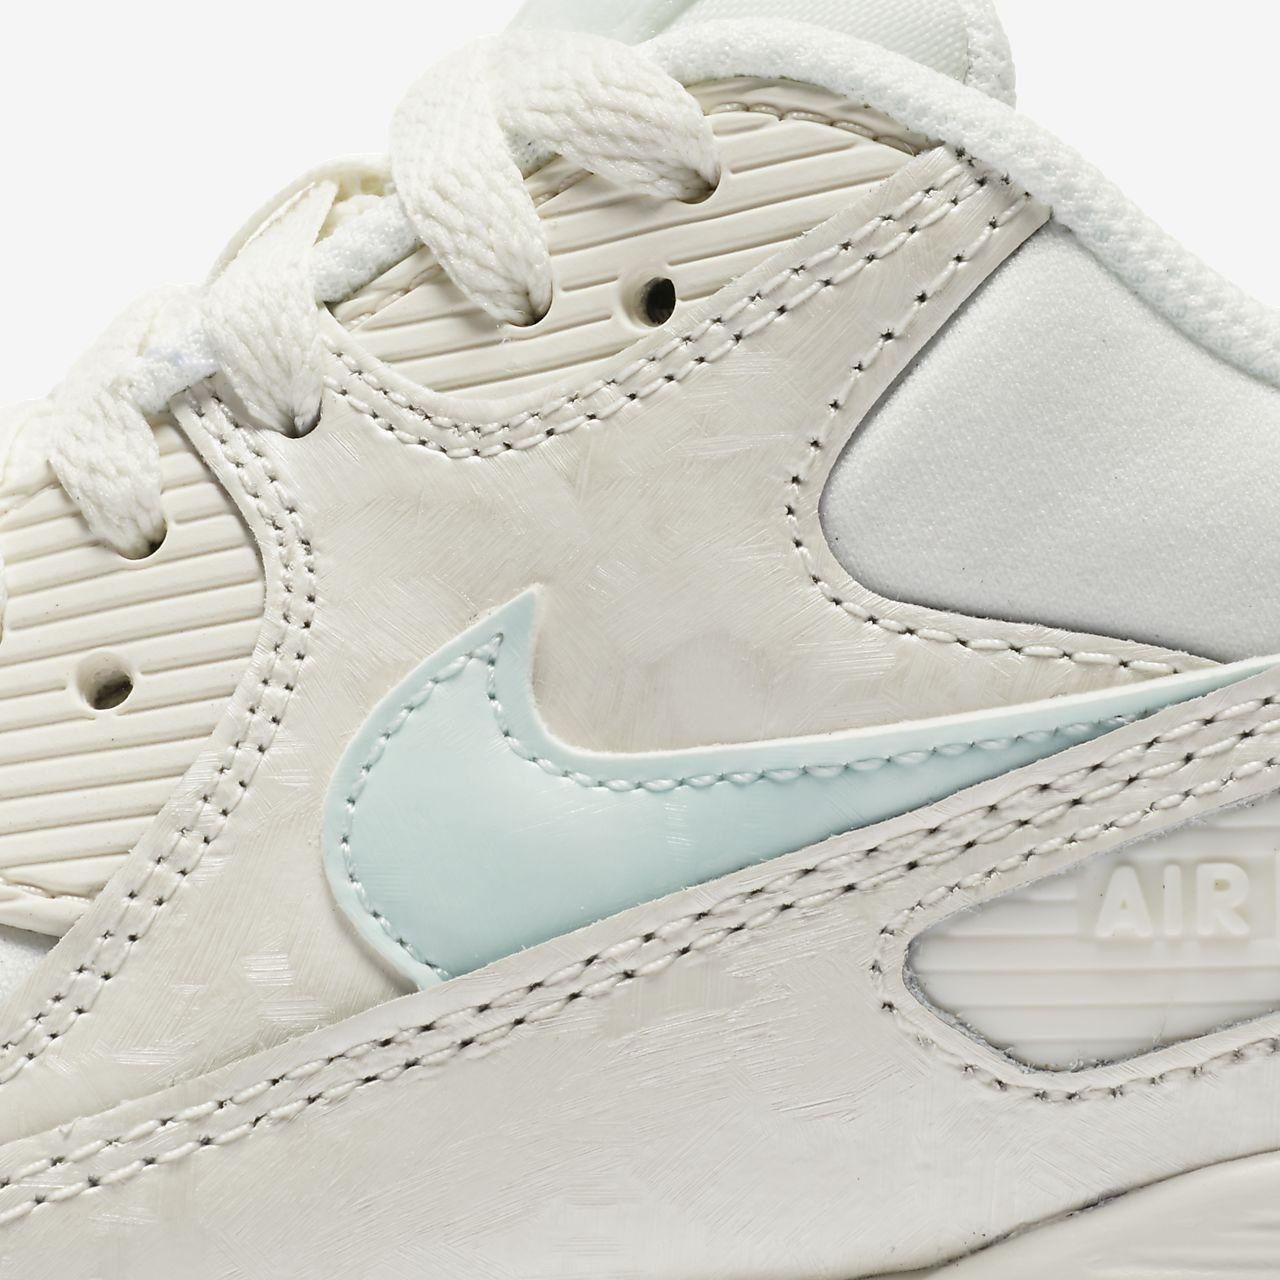 cheap for discount d3c62 7e246 ... discount sko nike air max 90 mesh för ungdom storlek 35540 32f2b 1efe8